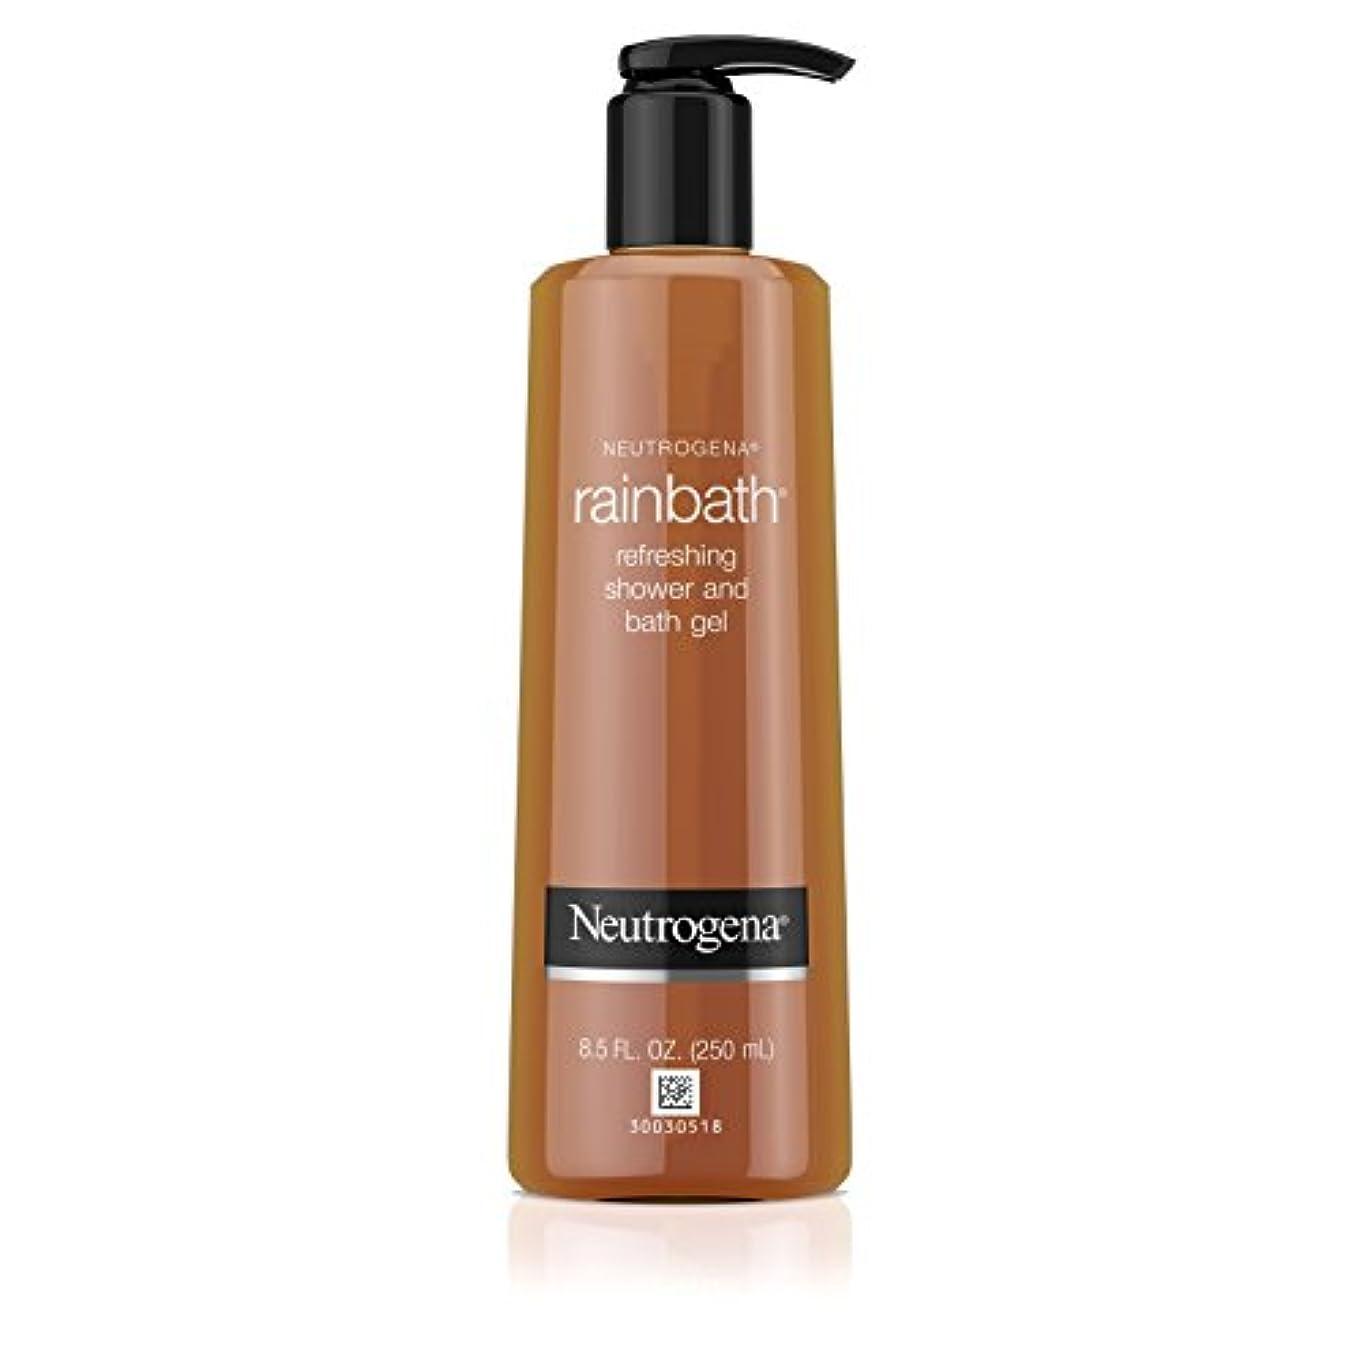 フィードバック着替えるメイエラNeutrogena Rainbath Refreshing Shower And Bath Gel (Body Wash), 250ml